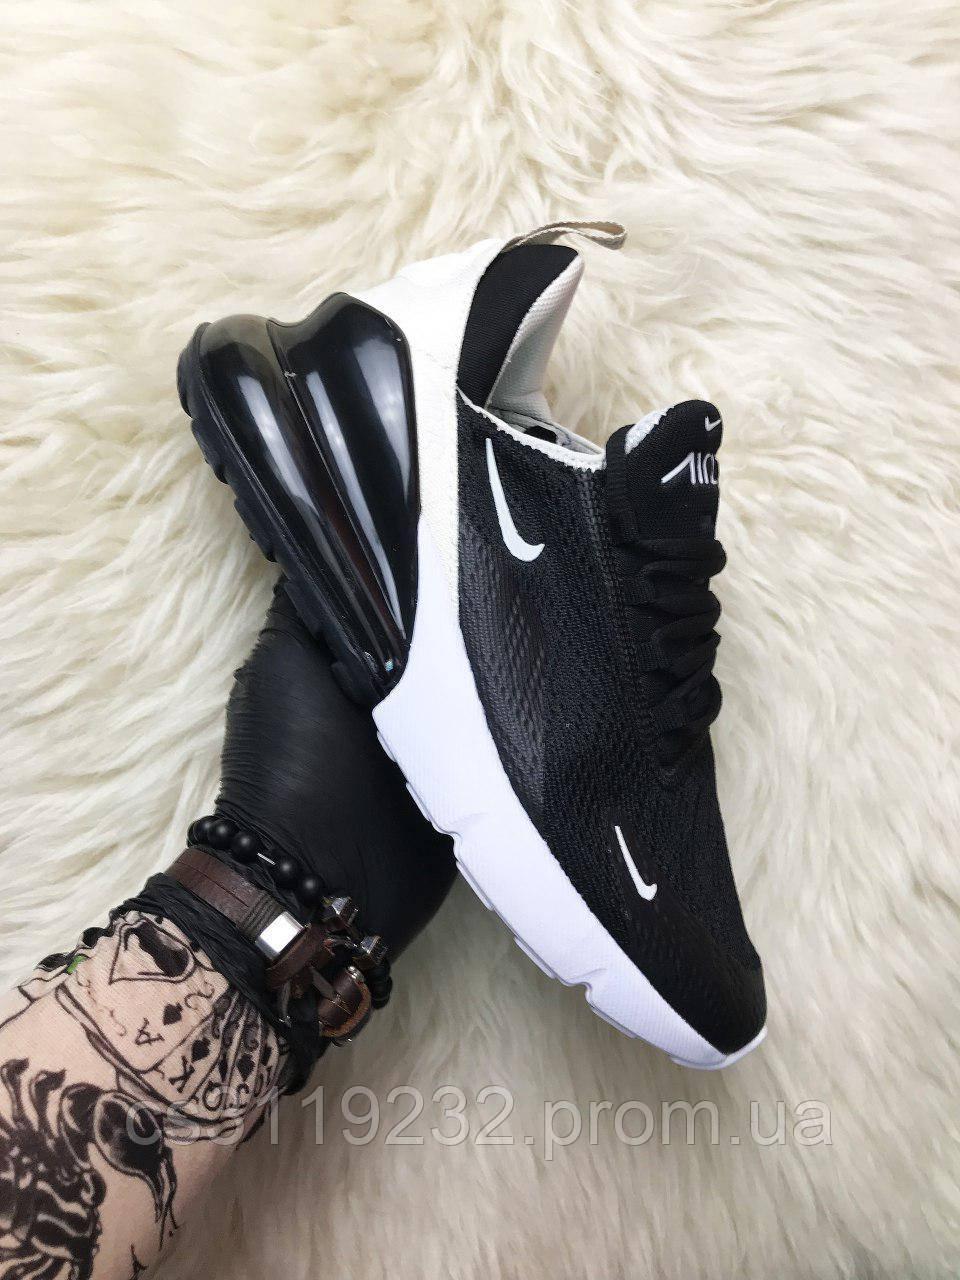 Мужские кроссовки Nike Air Max 270 Black (черные)